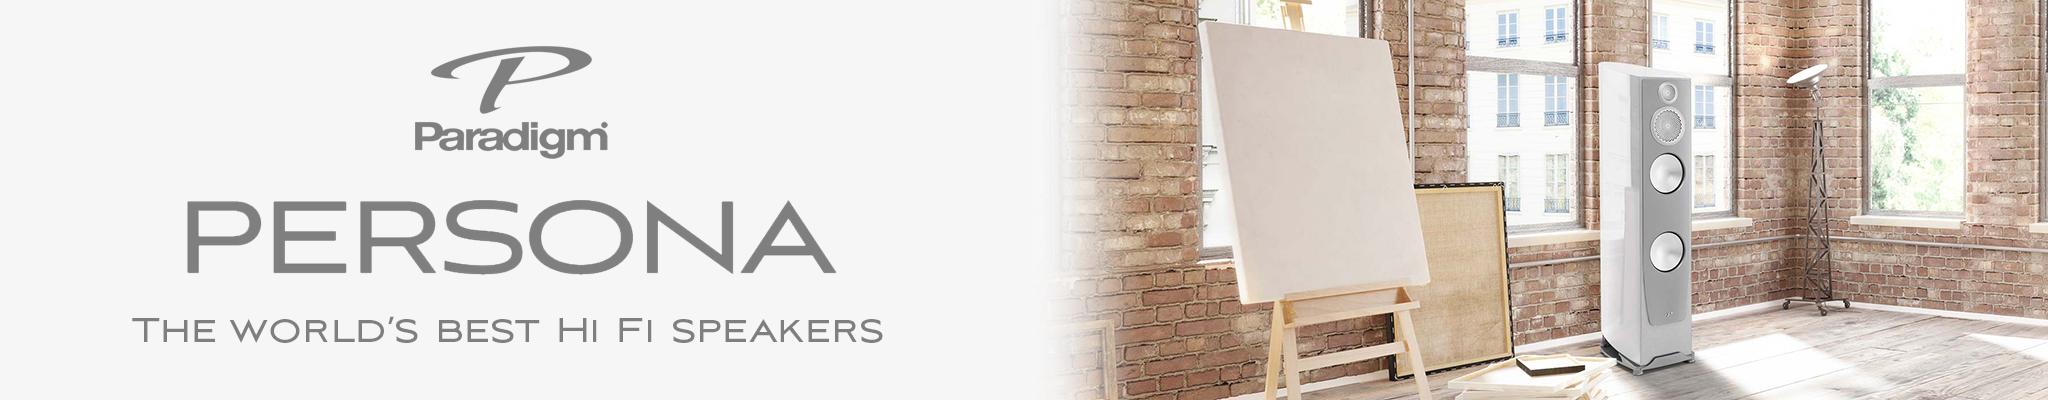 persona-9h-white-studio-banner-1